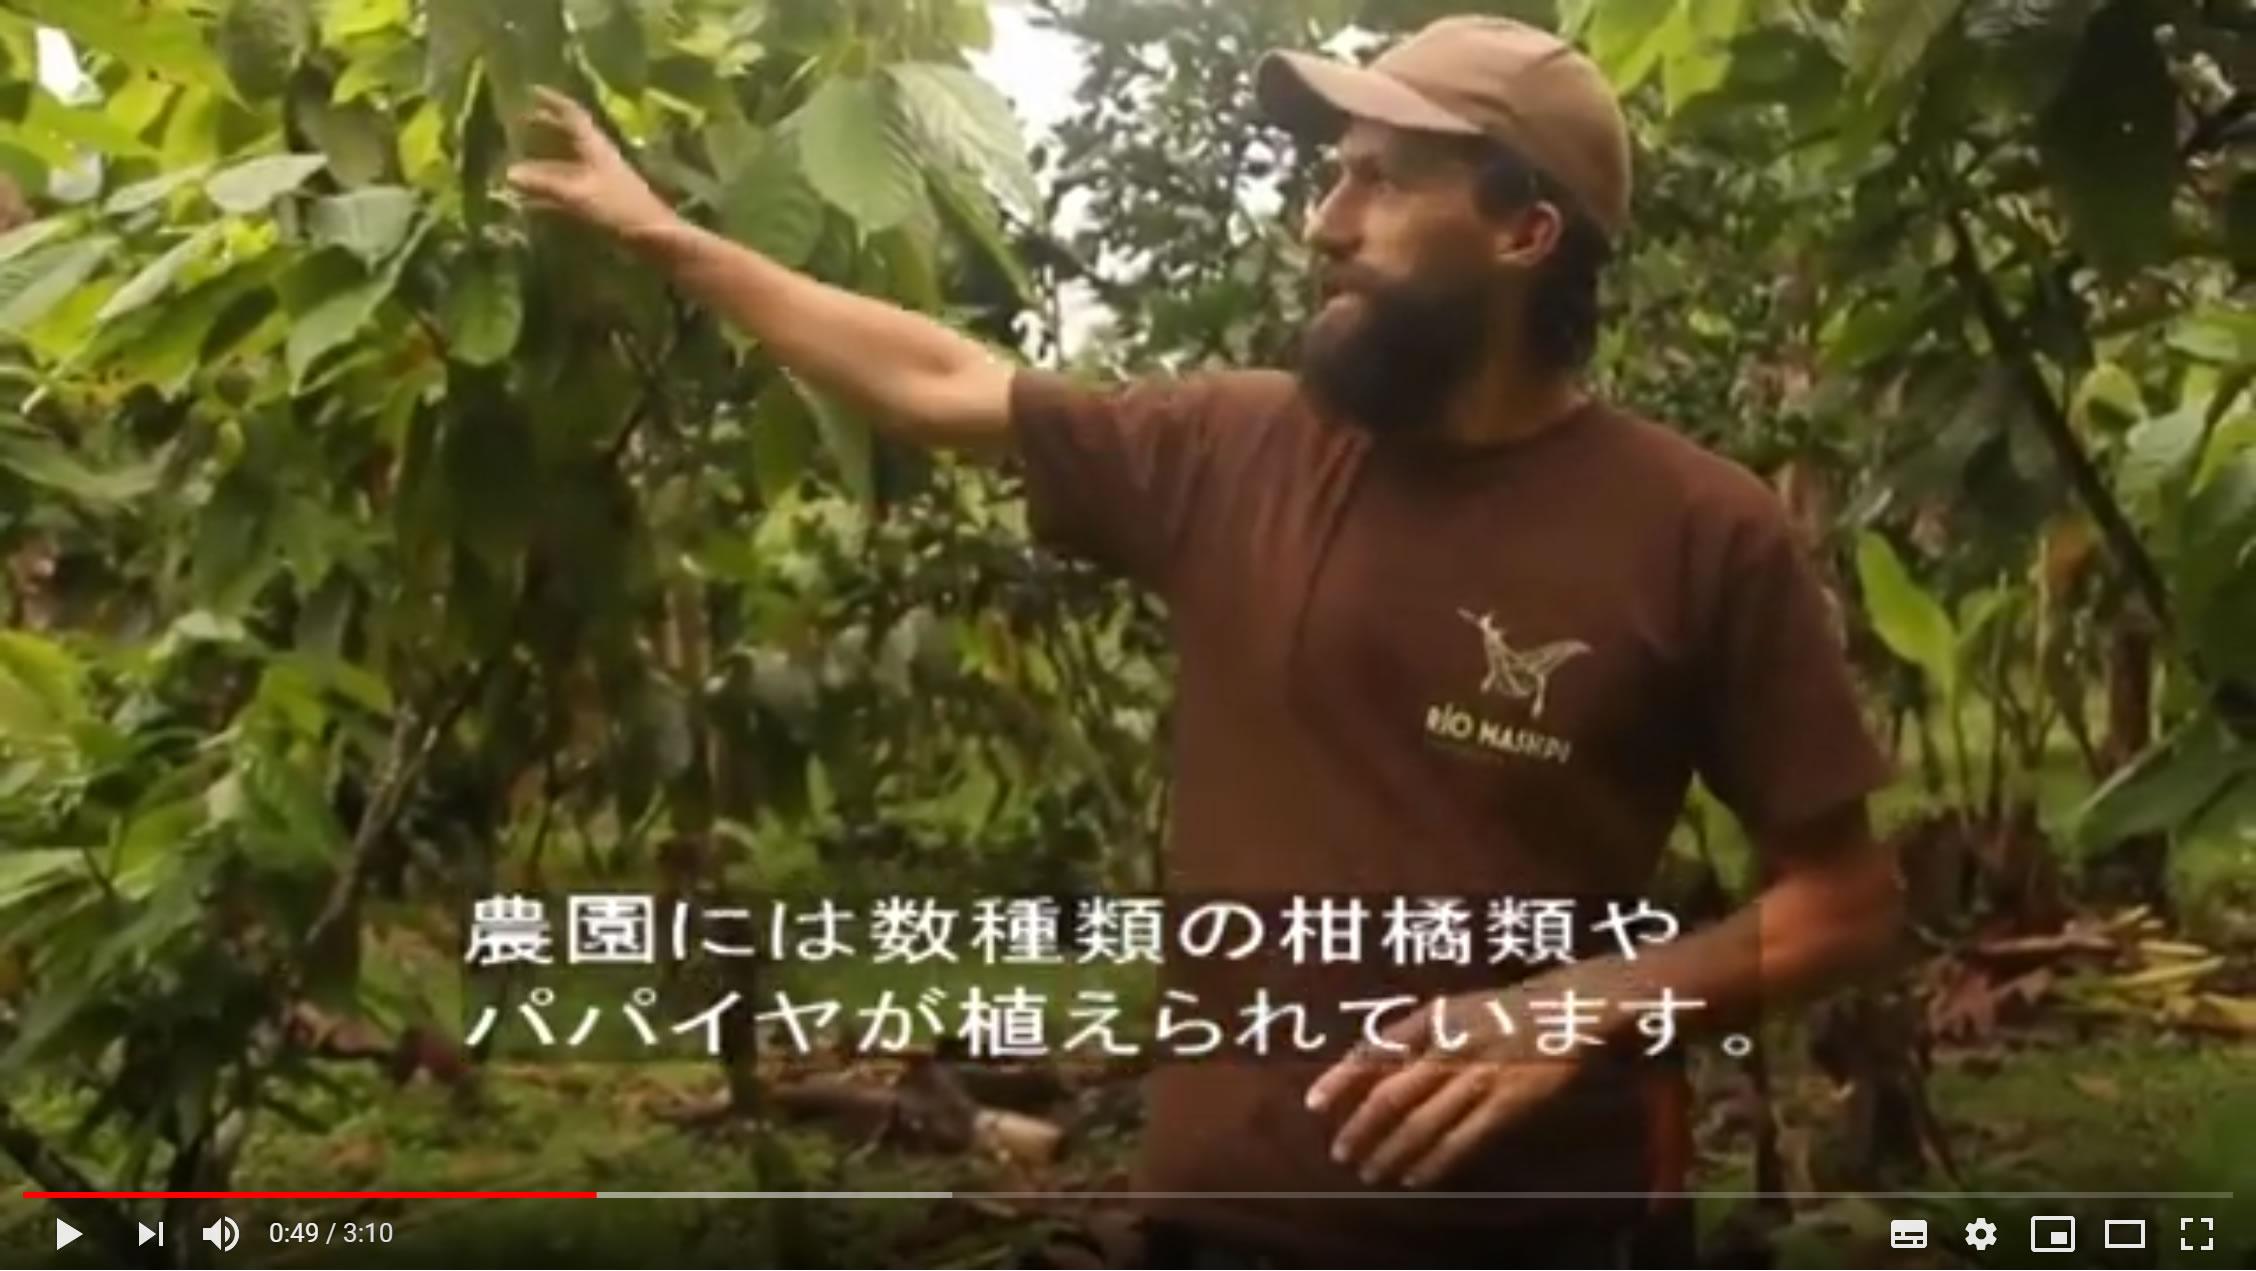 フェアトレード・オーガニック・森林農法のチョコレート生産者「マシュピ農園」の紹介映像